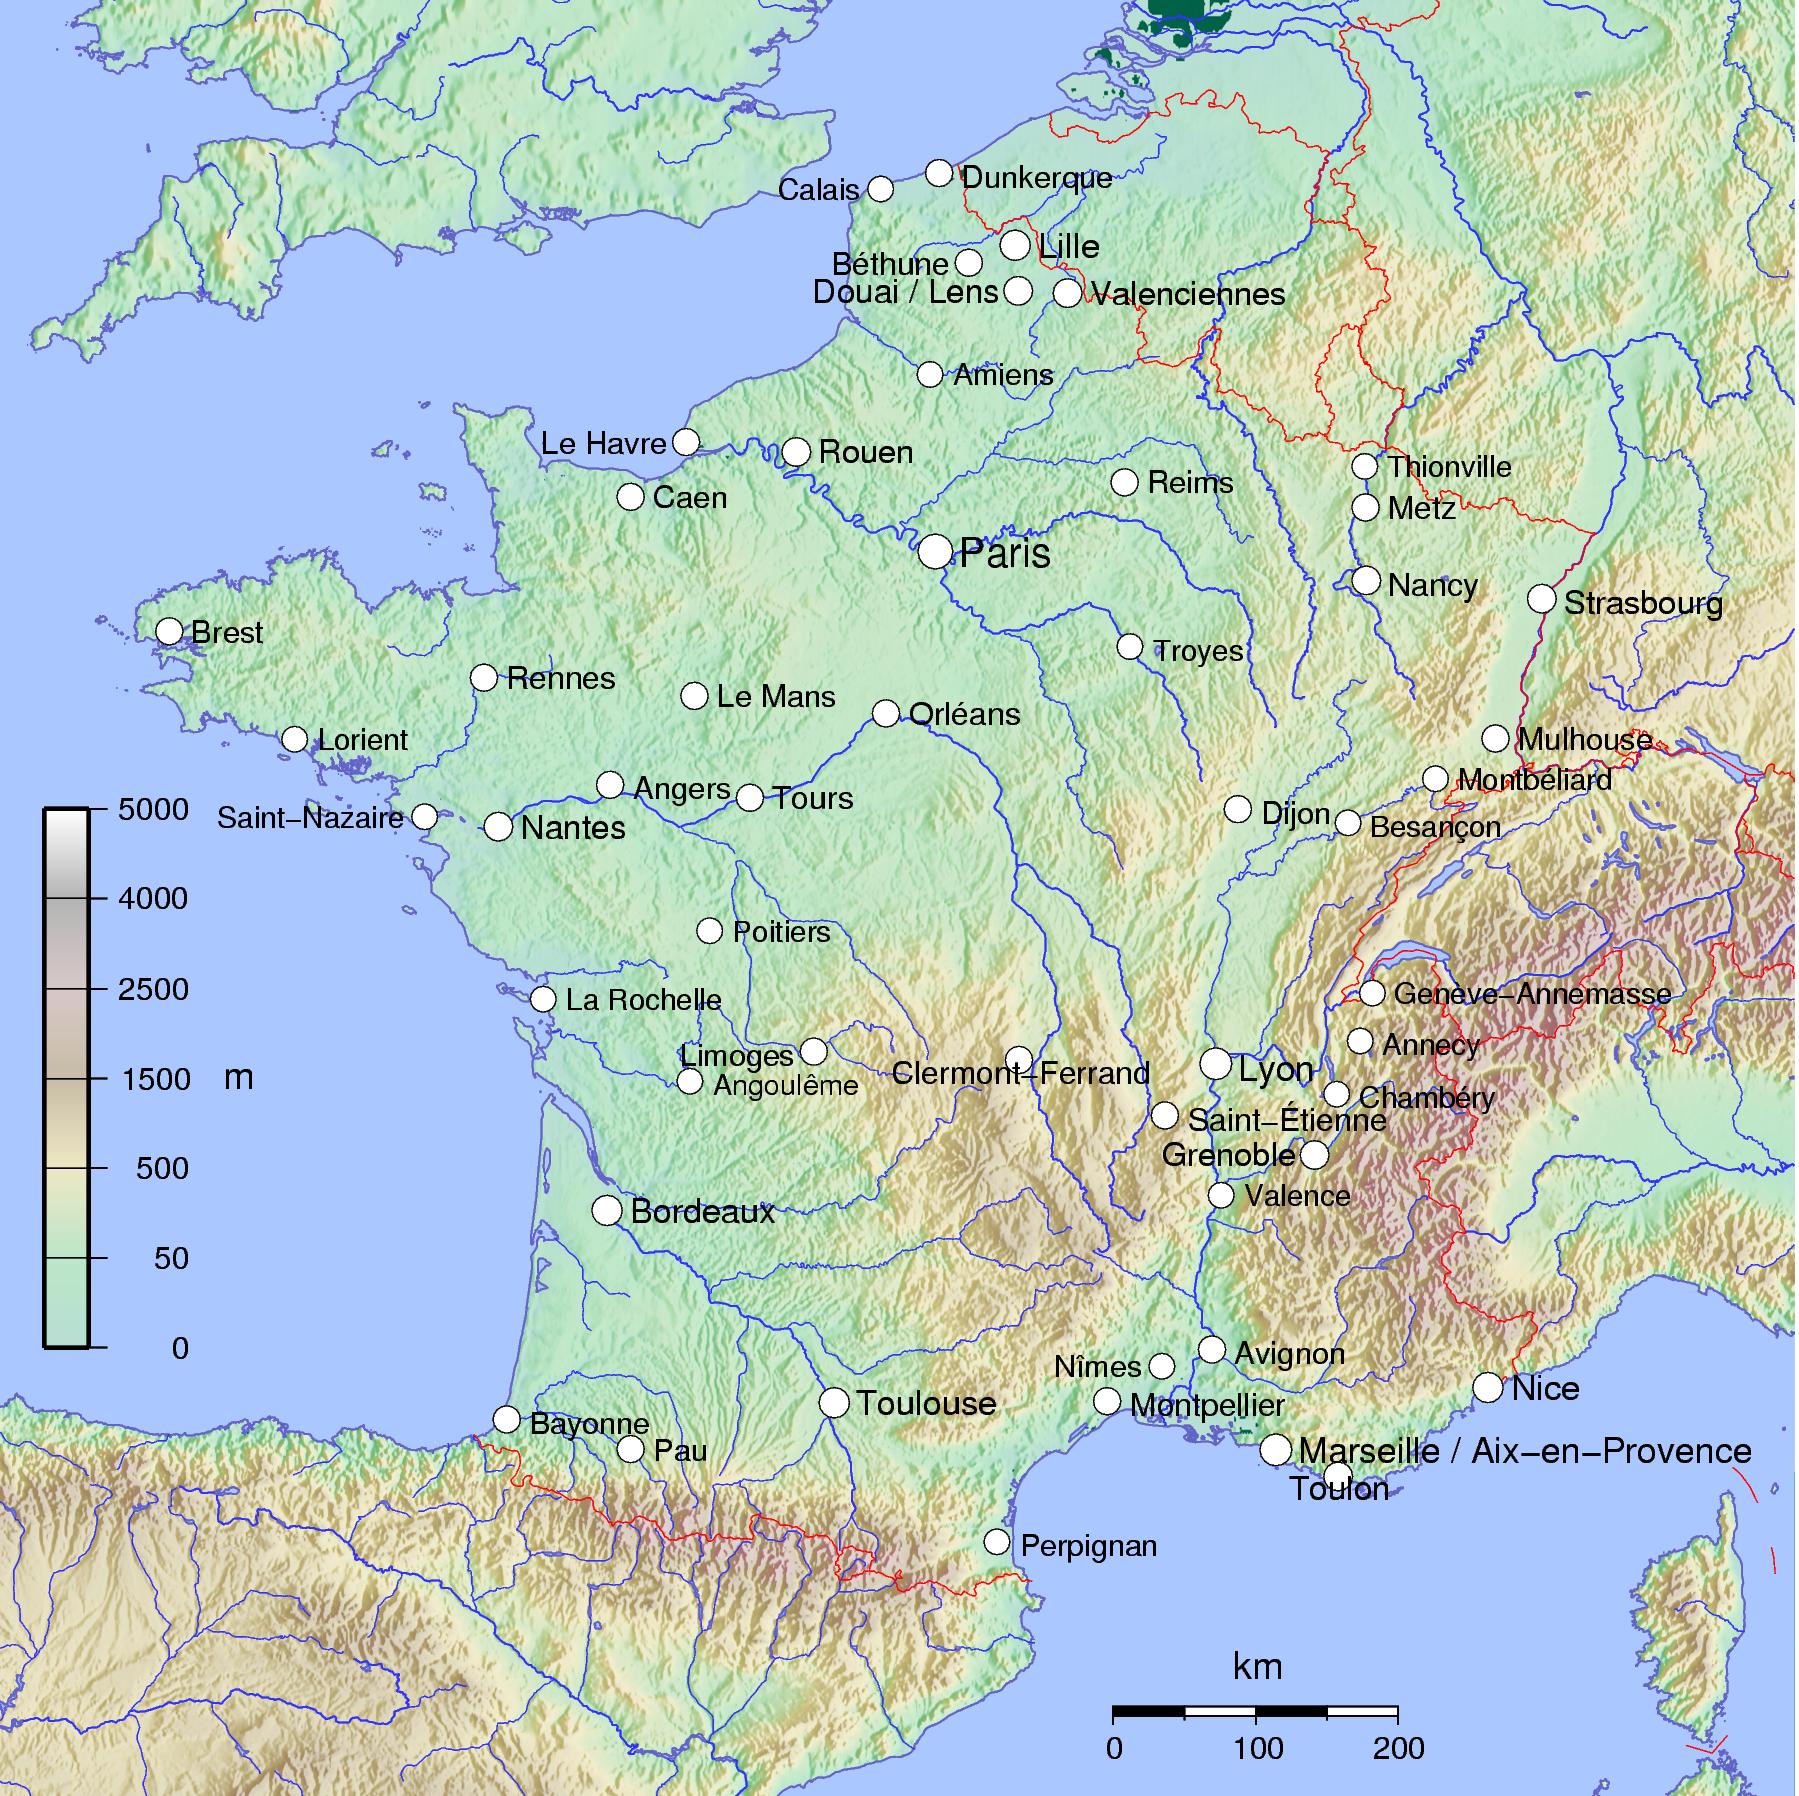 landkarte von frankreich Landkarte Frankreich   freie Karten und Landkarten landkarte von frankreich